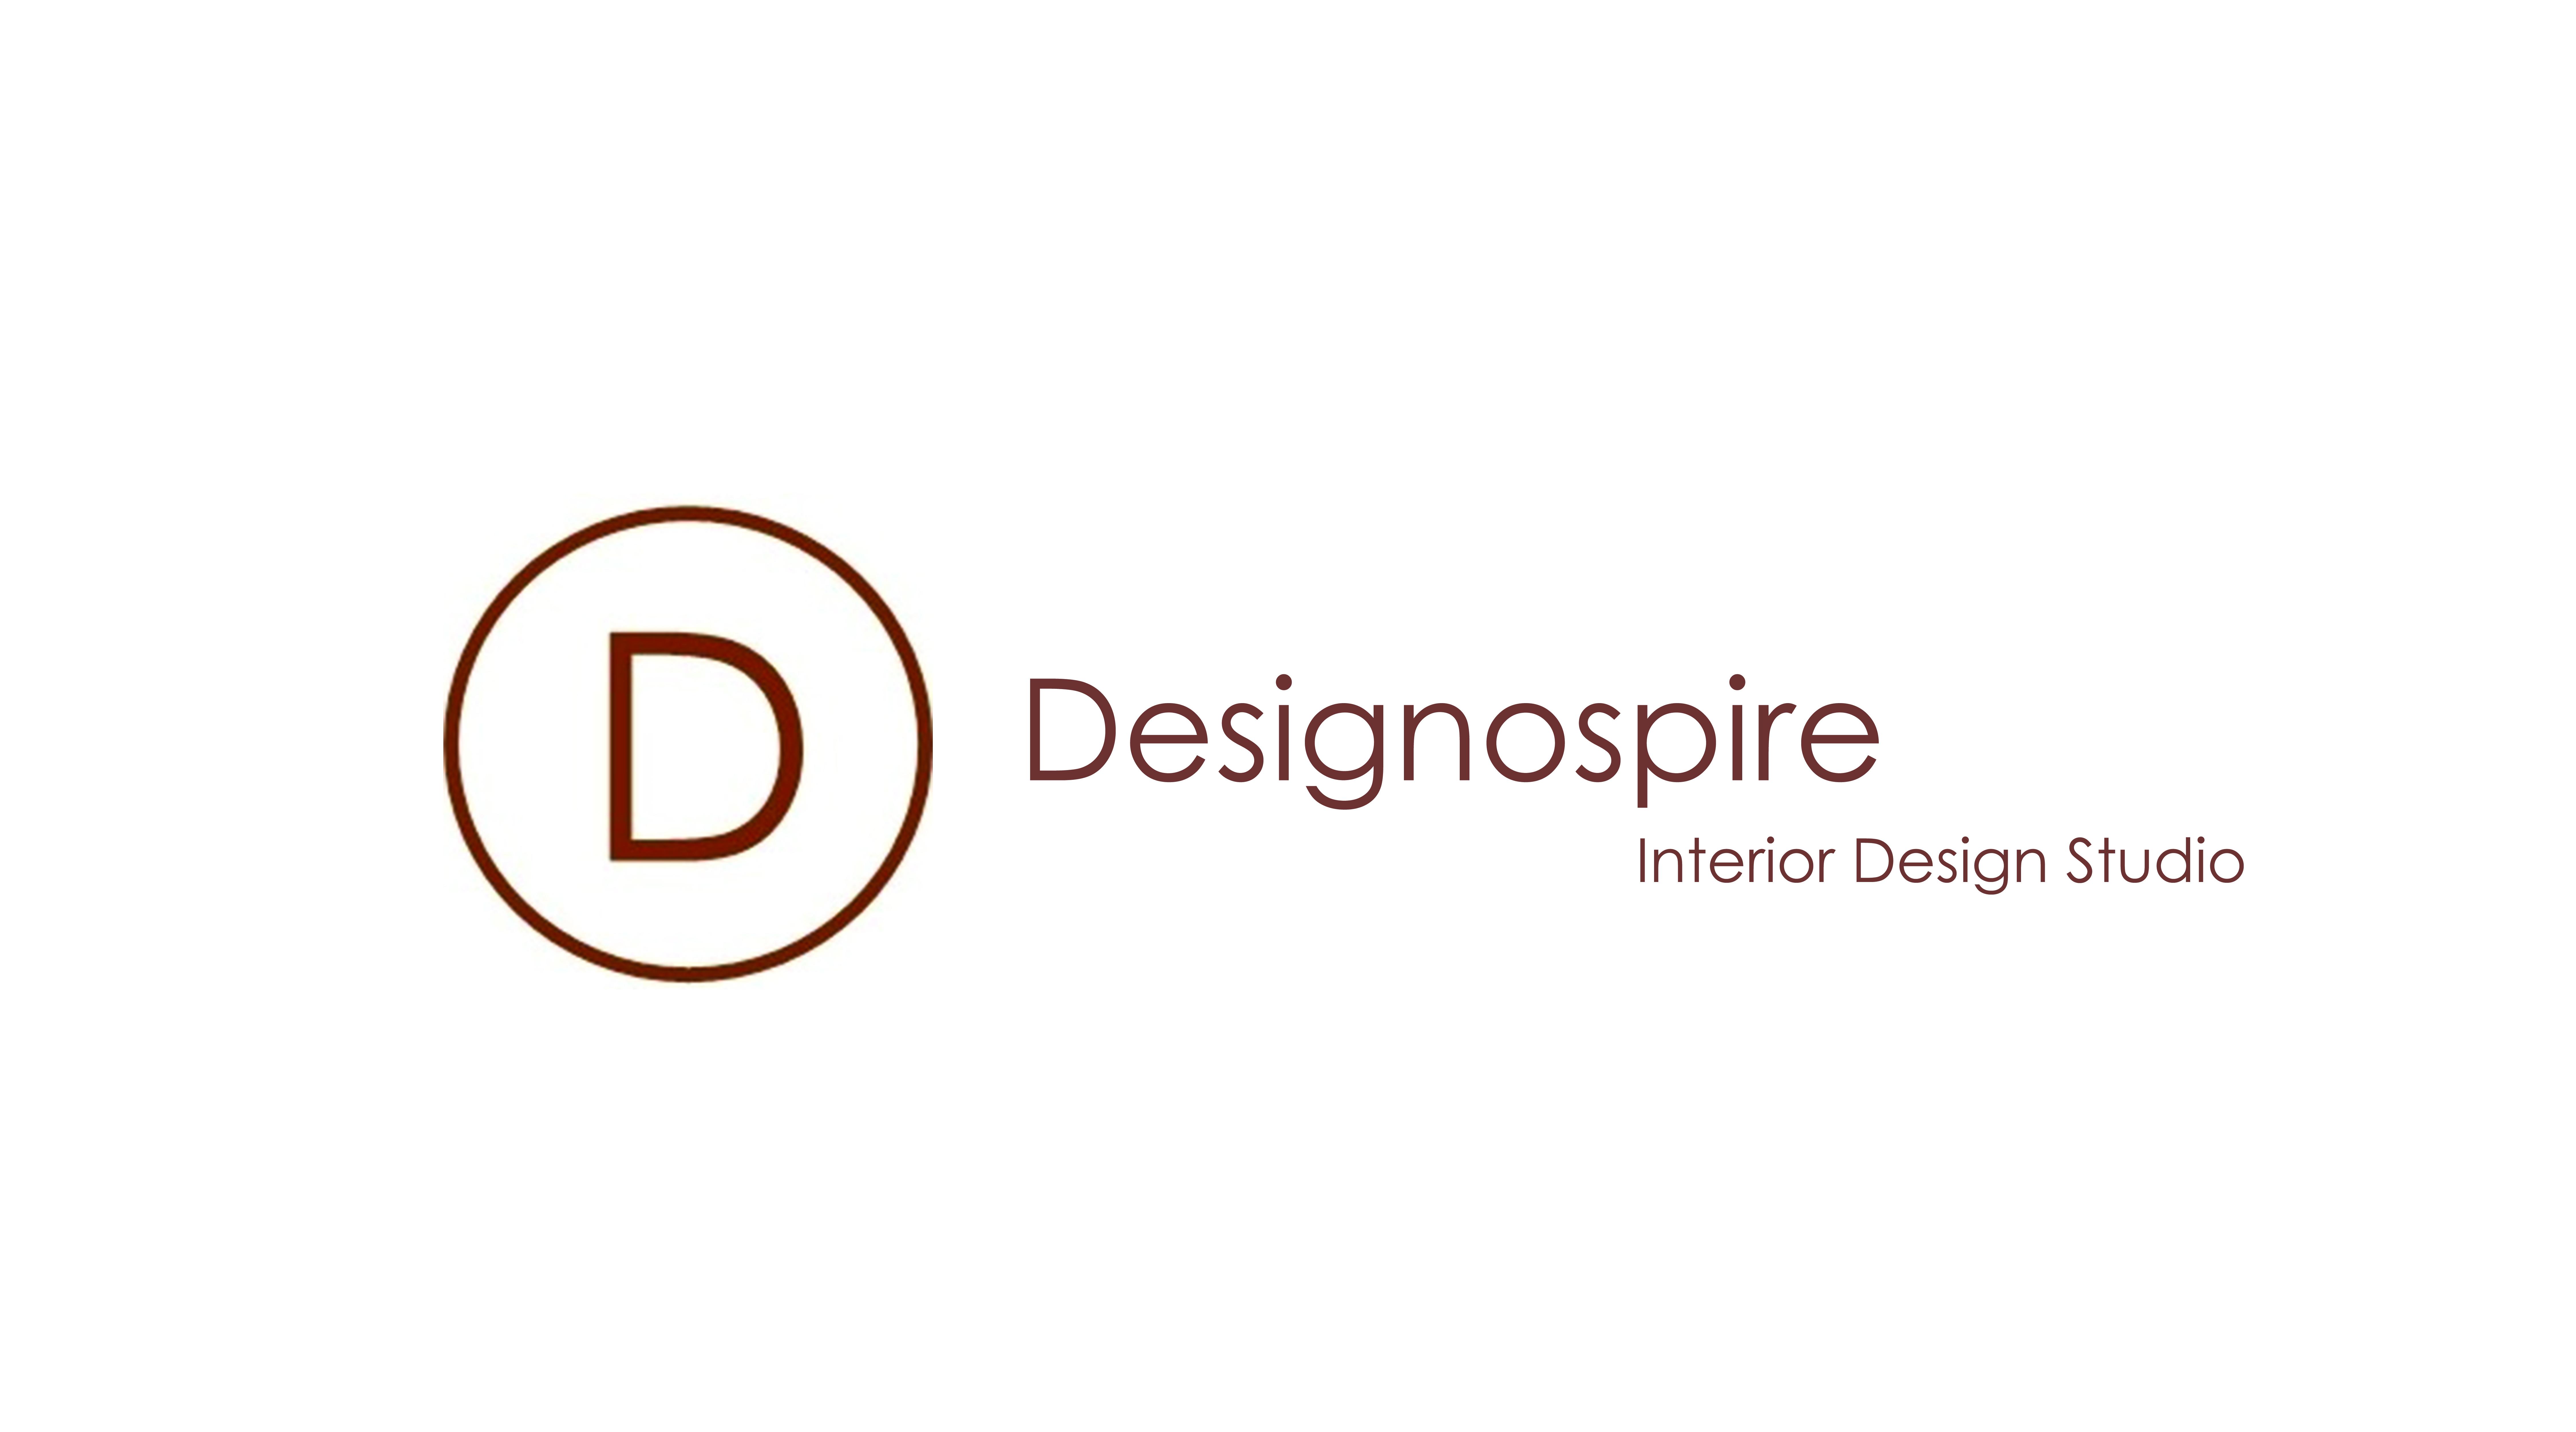 Designospire